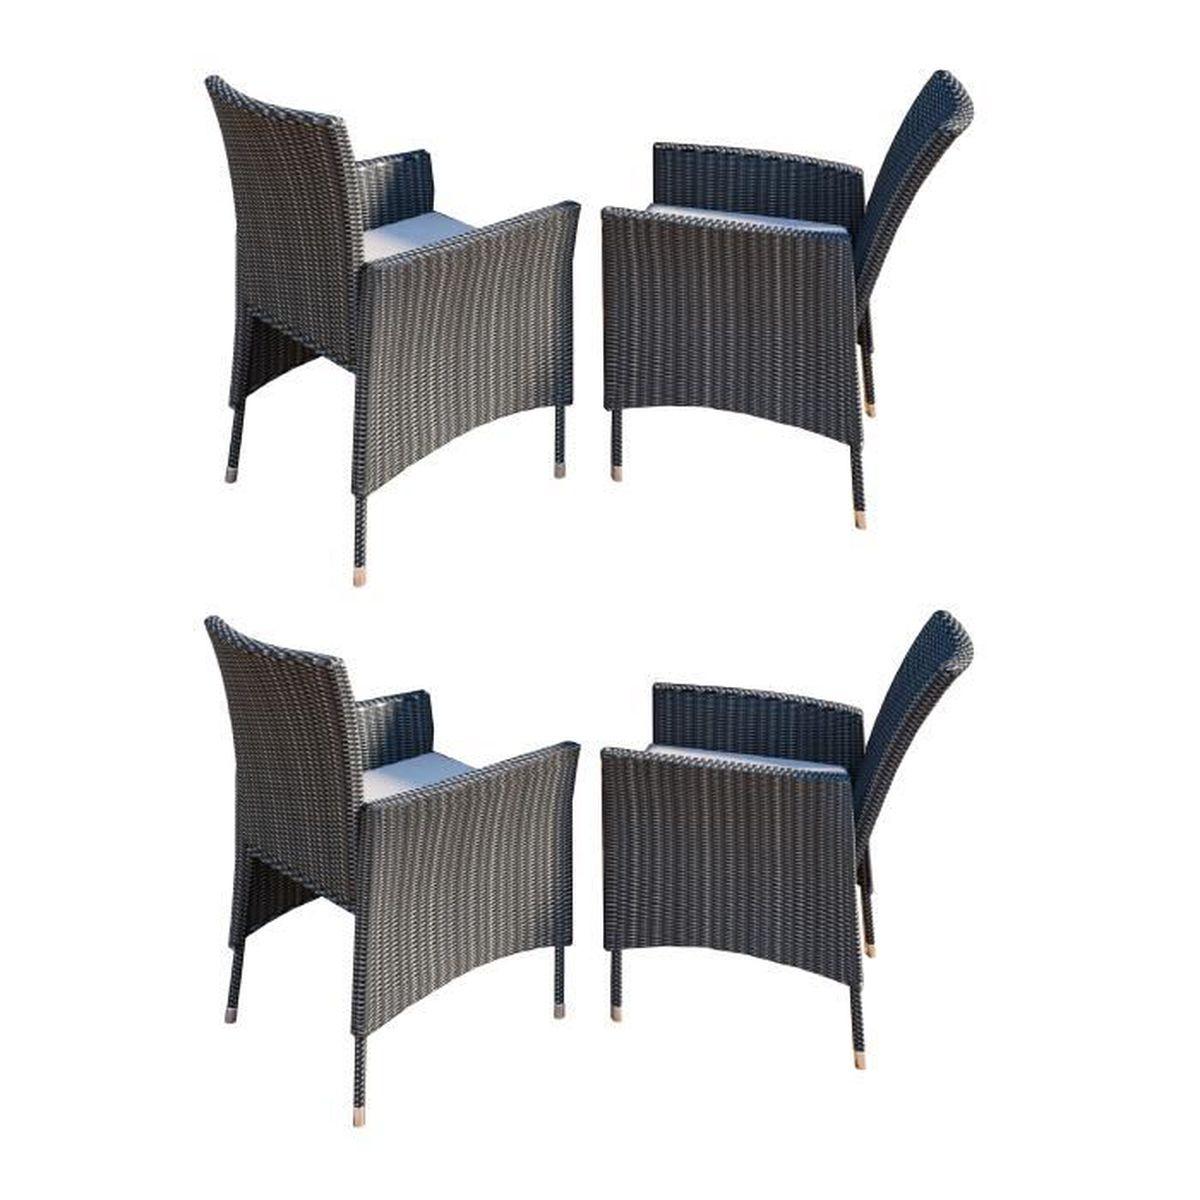 4x Chaise de jardin Rotin avec coussin Gris - Achat / Vente fauteuil ...